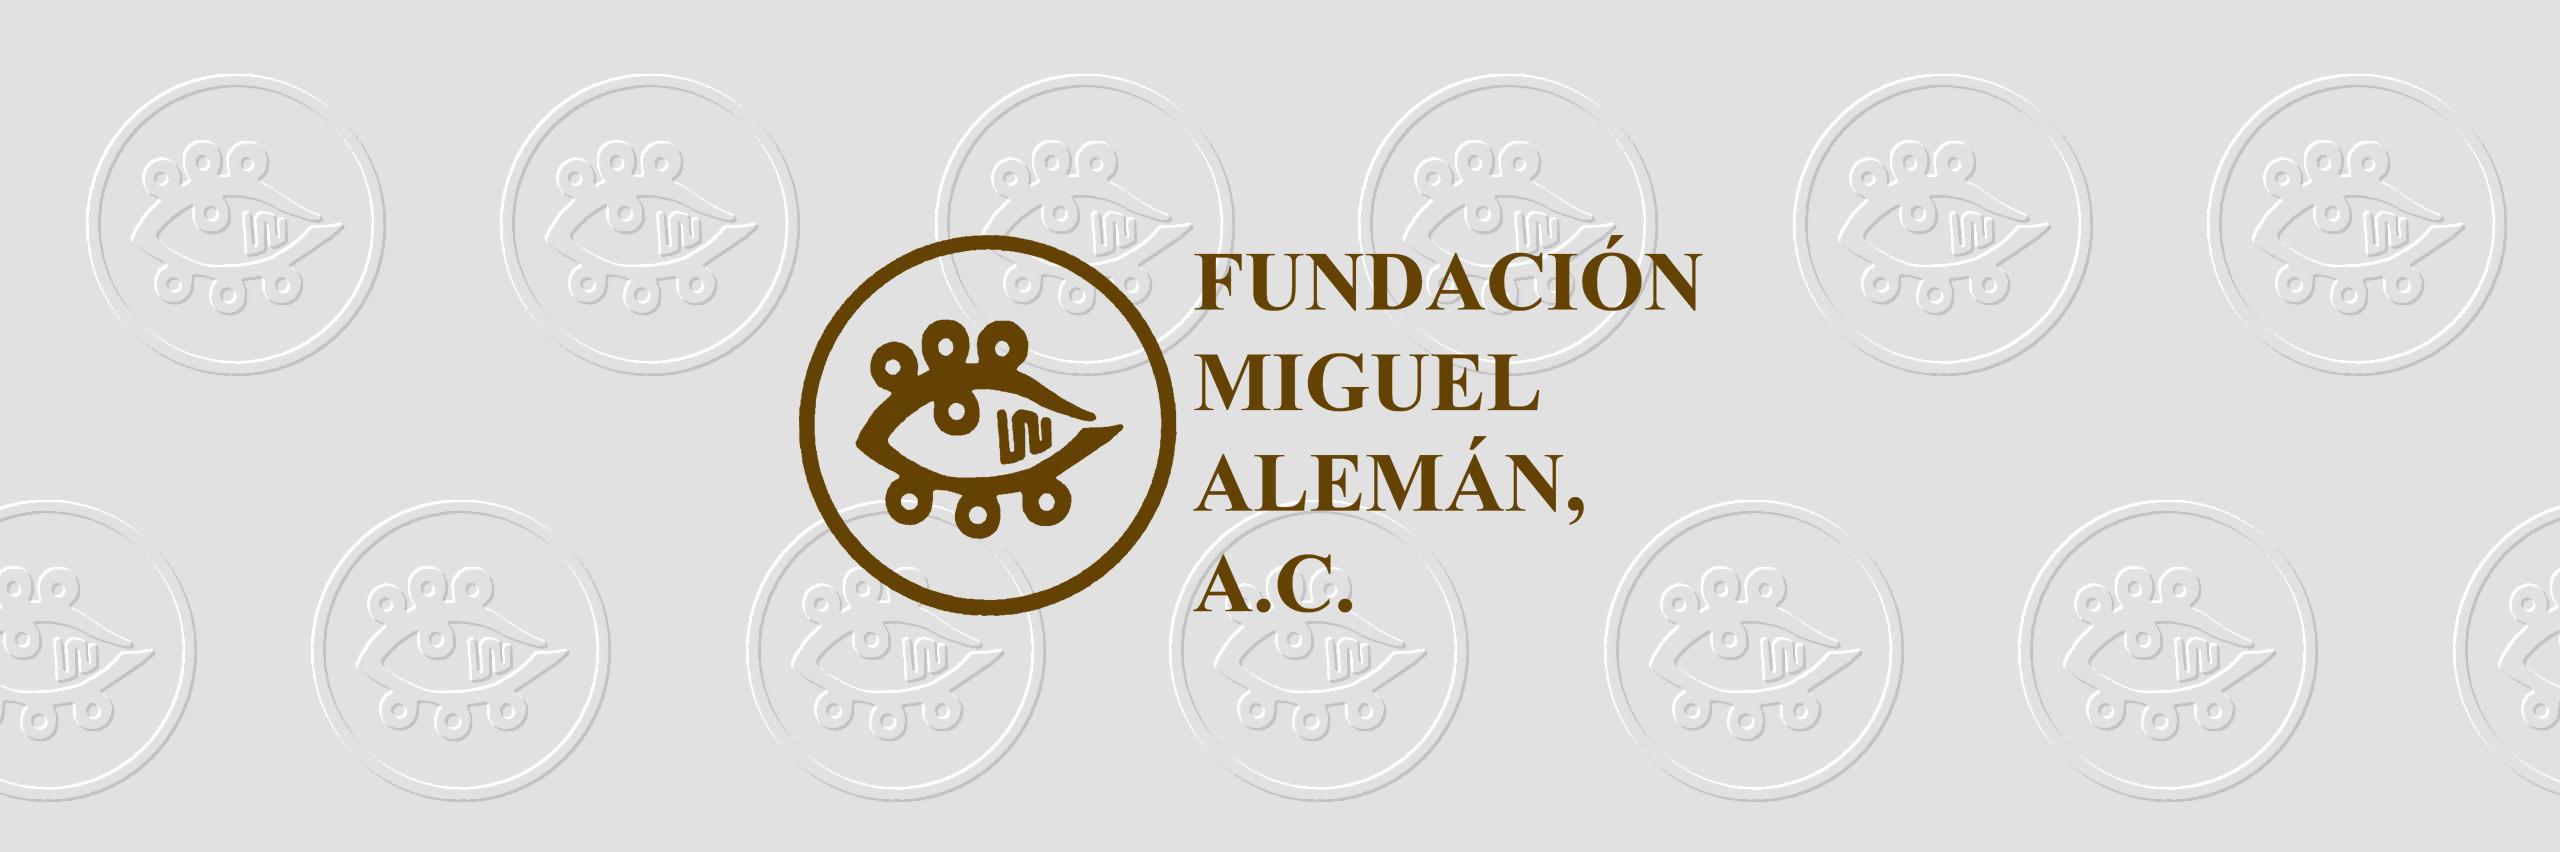 TV_Fundación Miguel Alemán